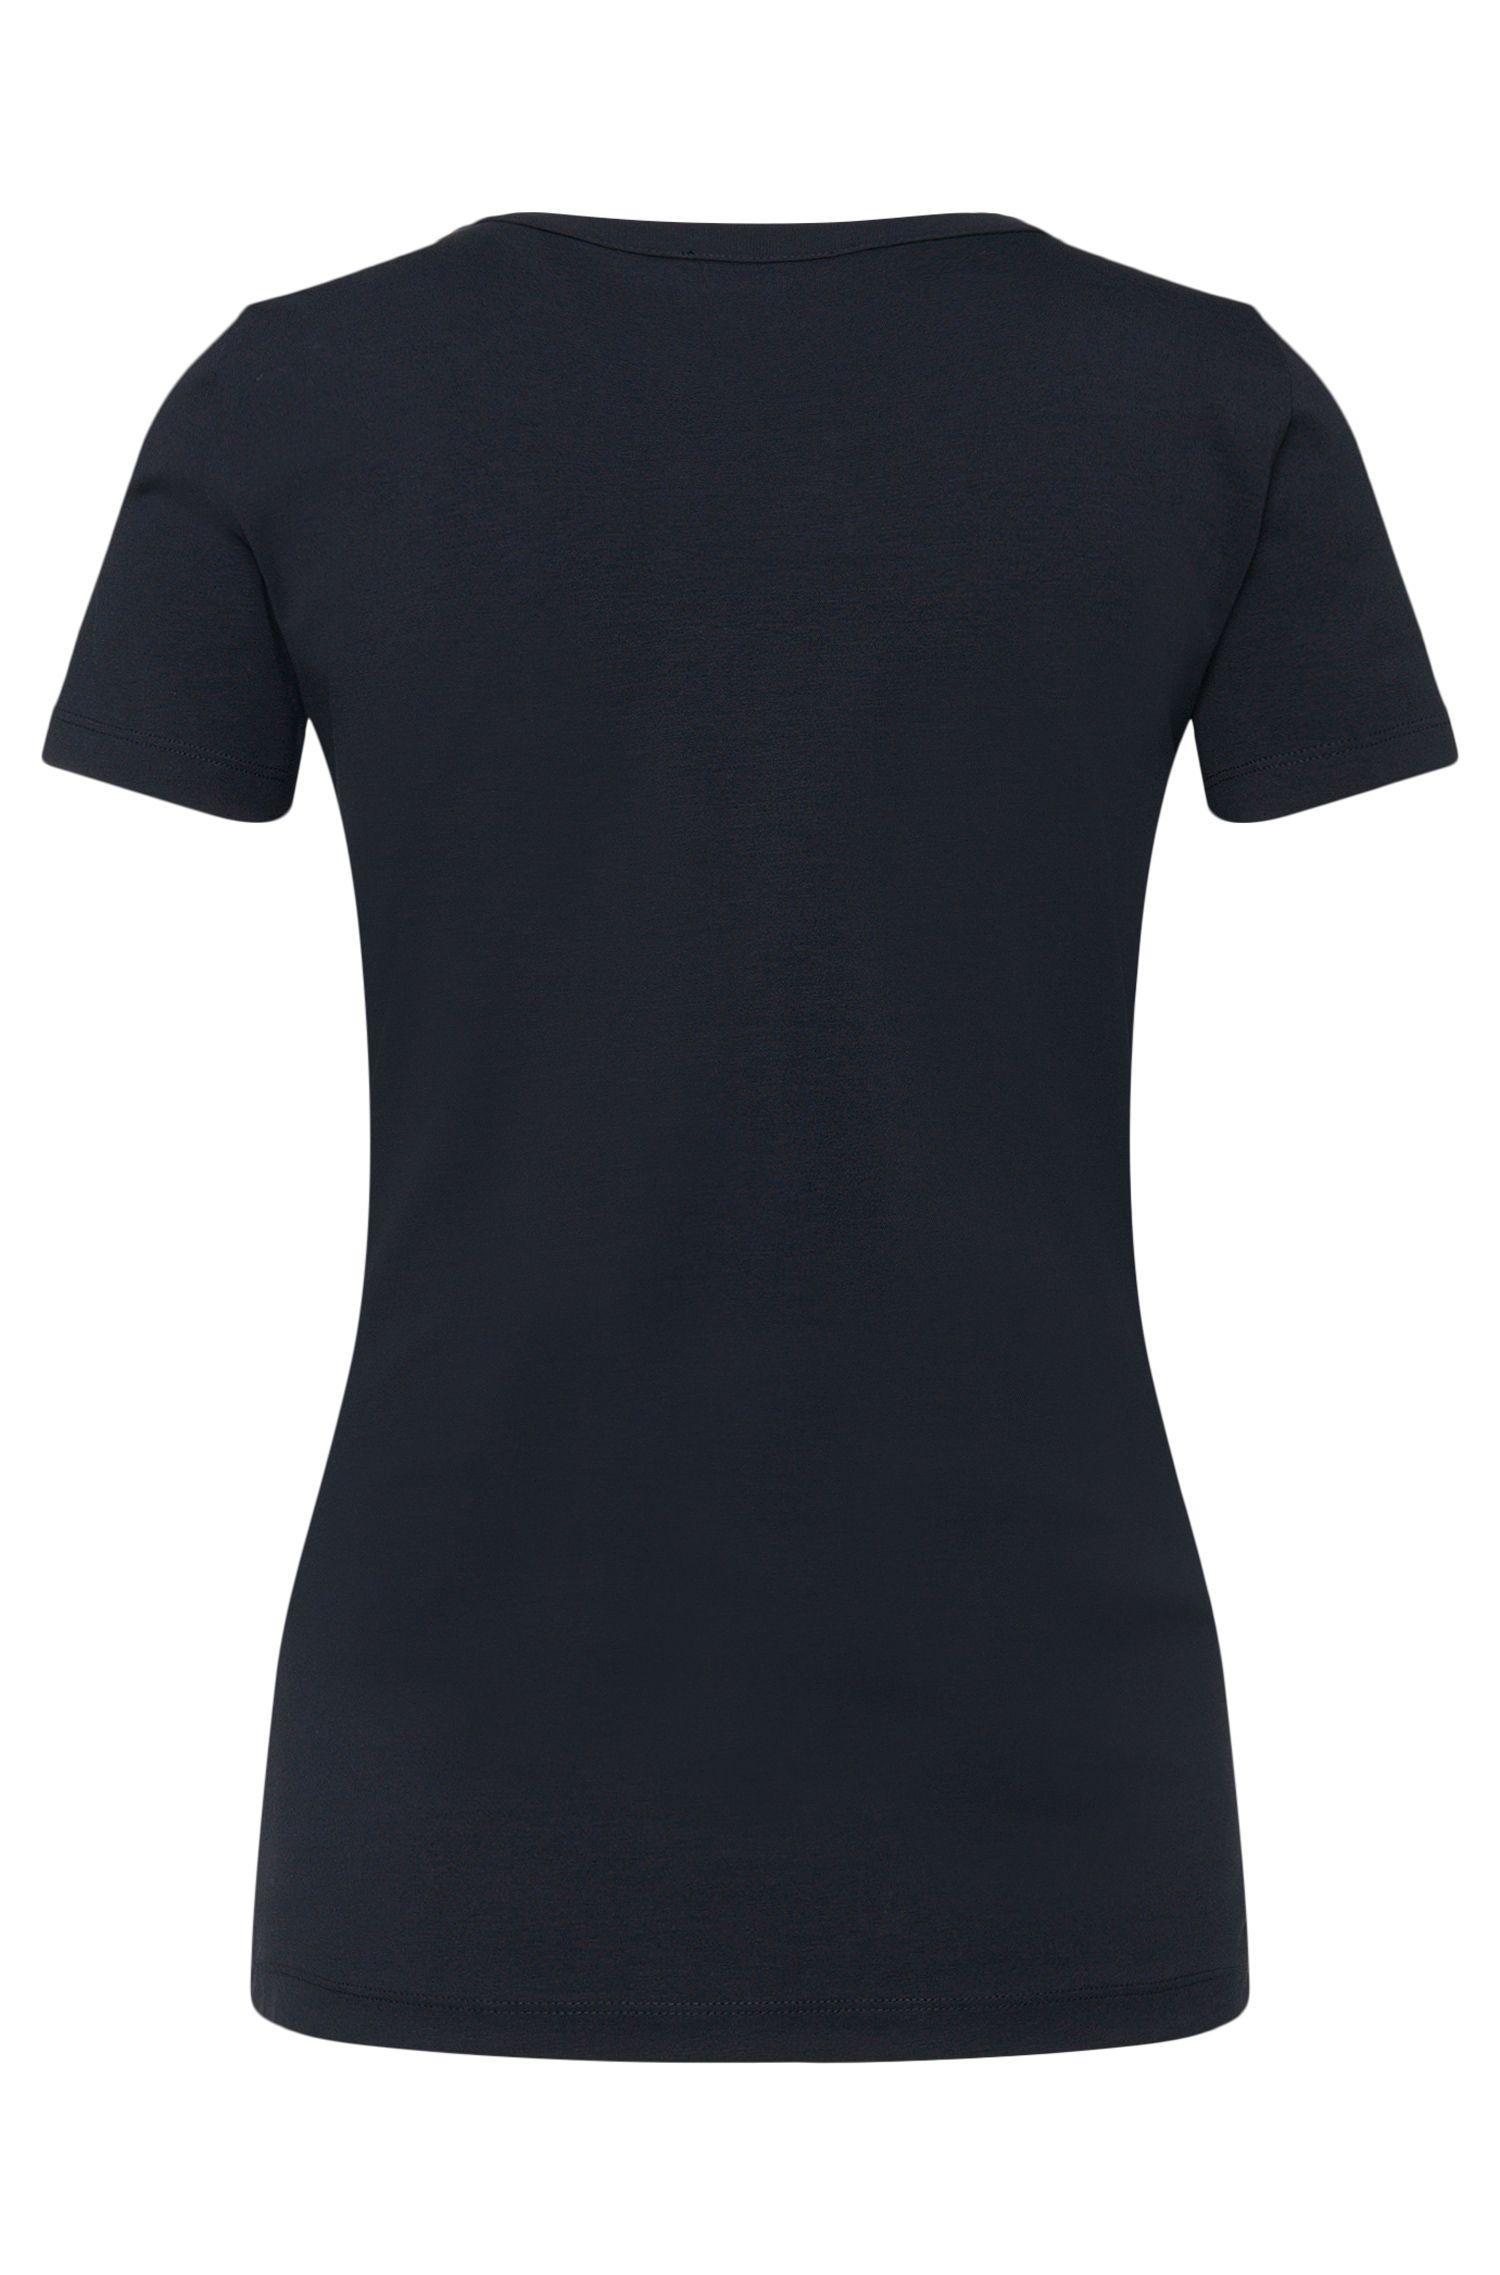 T-Shirt aus Stretch-Baumwolle mit Chiffon-Blende: 'Enka_EoSP'